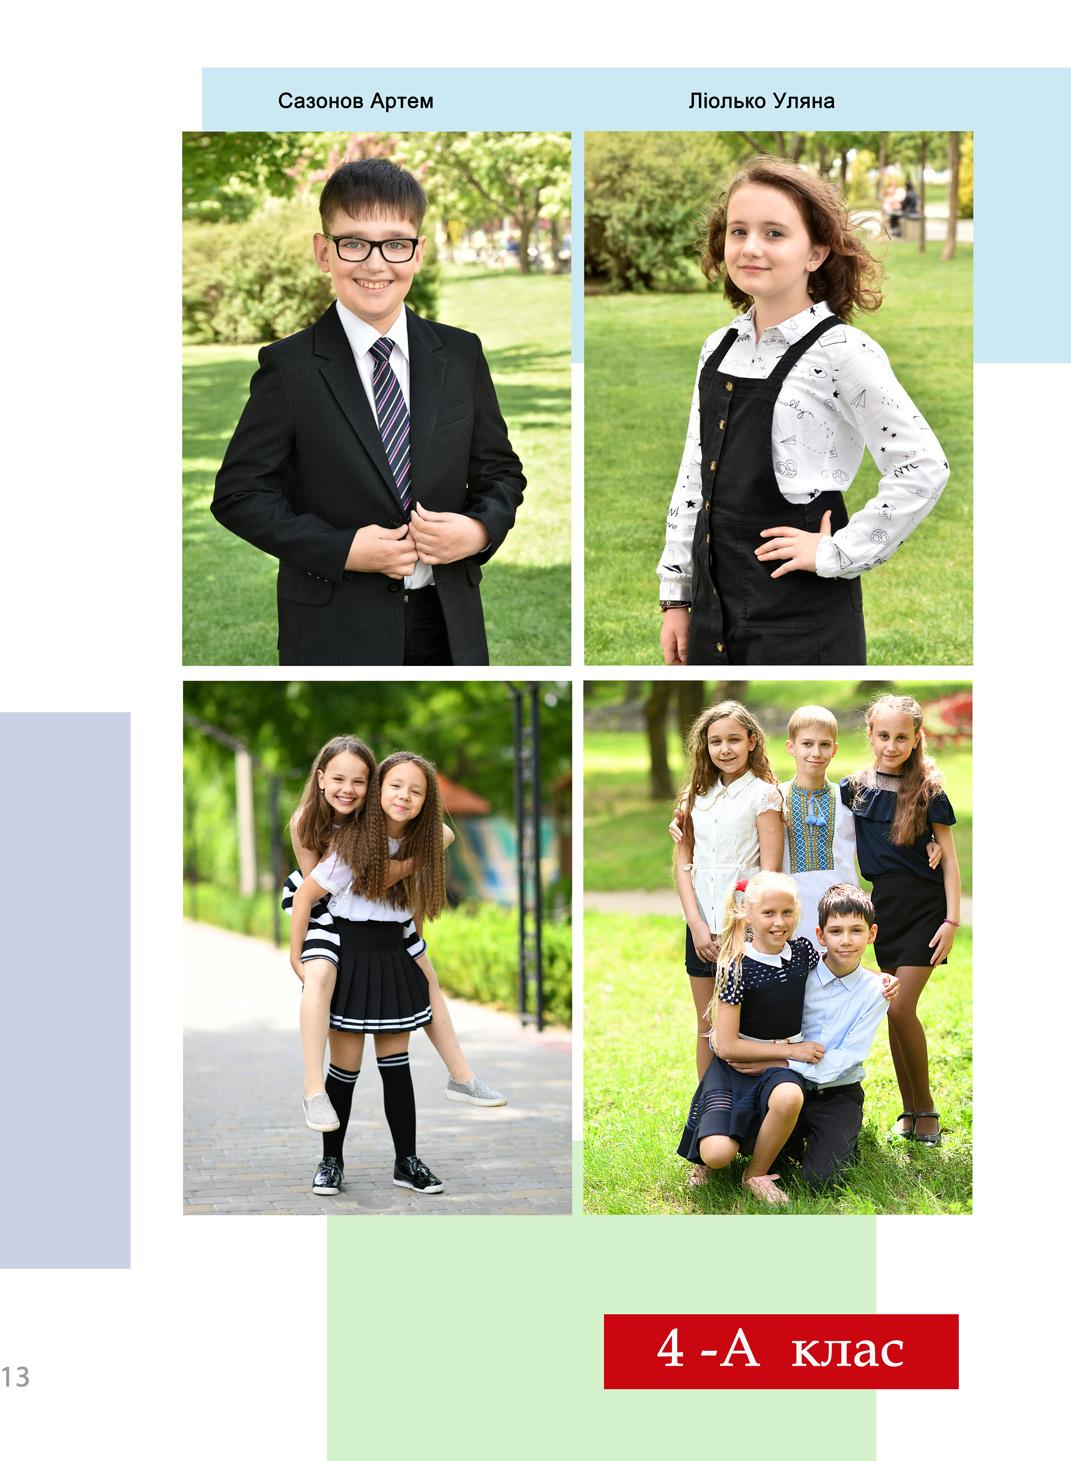 https://school-photo.com.ua/wp-content/uploads/2021/09/13-копия.jpg